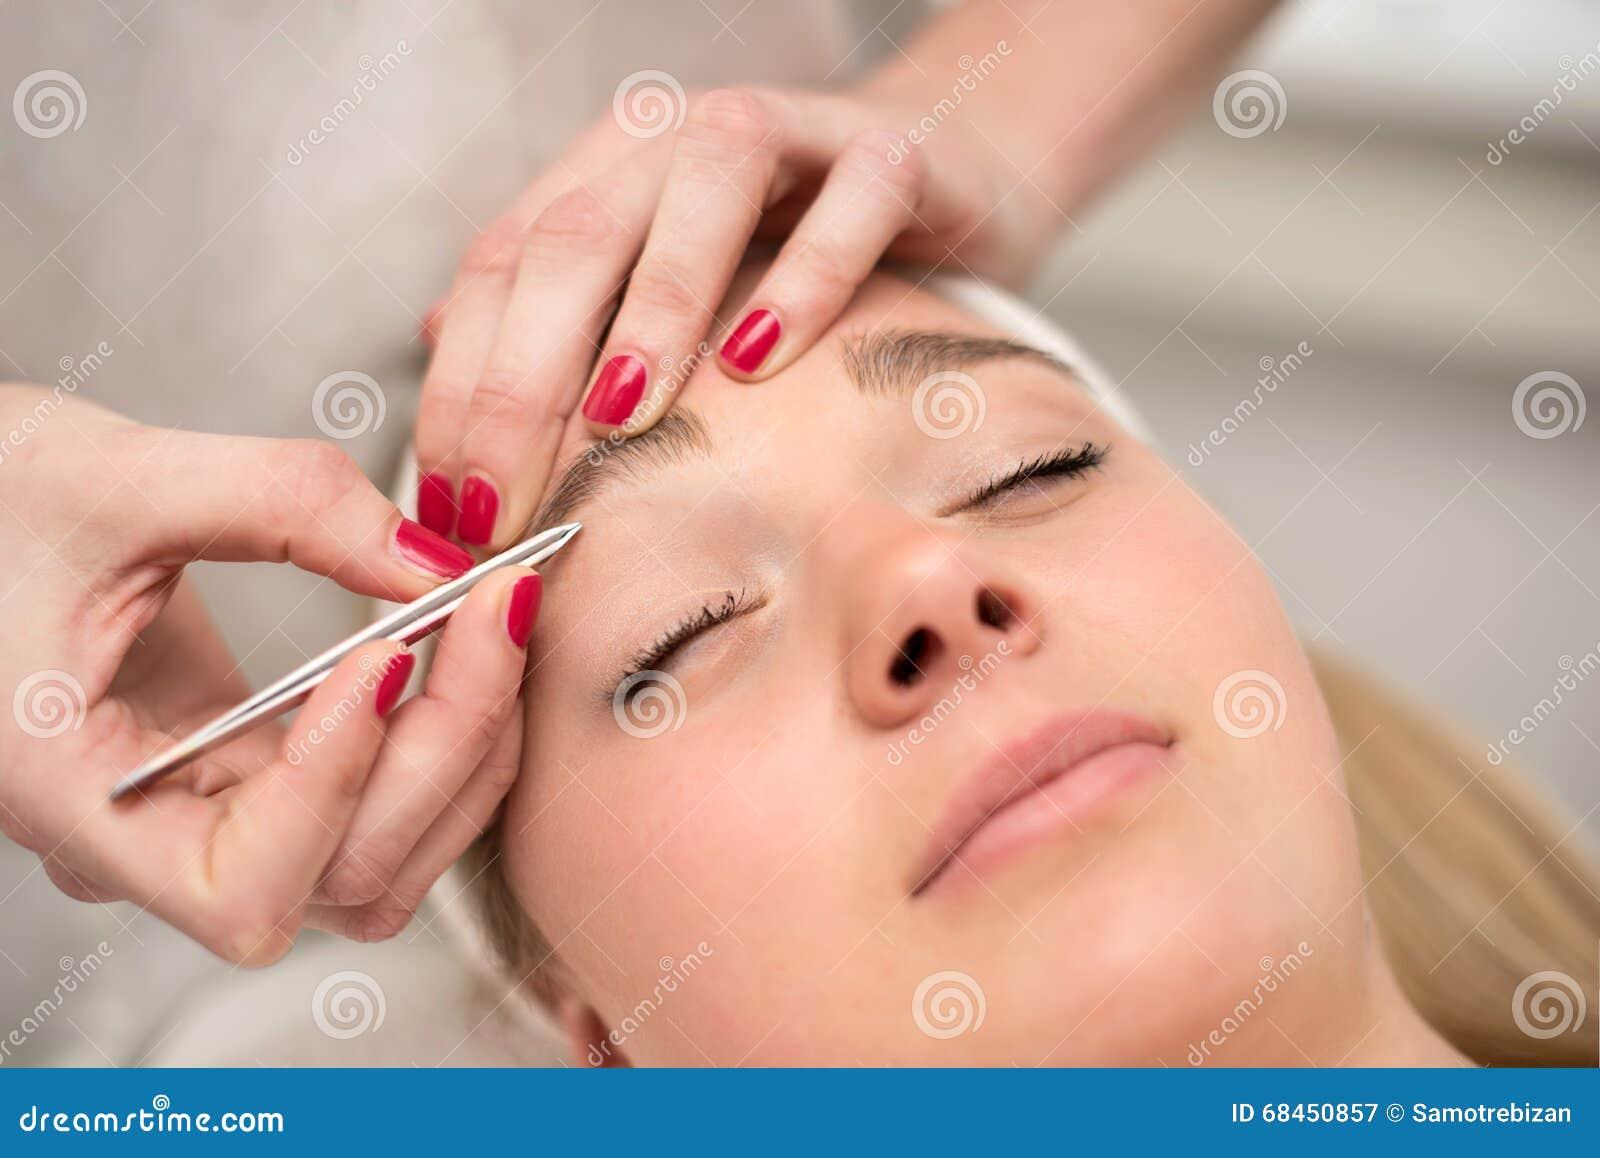 Arrancando as sobrancelhas com o tweezer pelo esteticista no salão de beleza